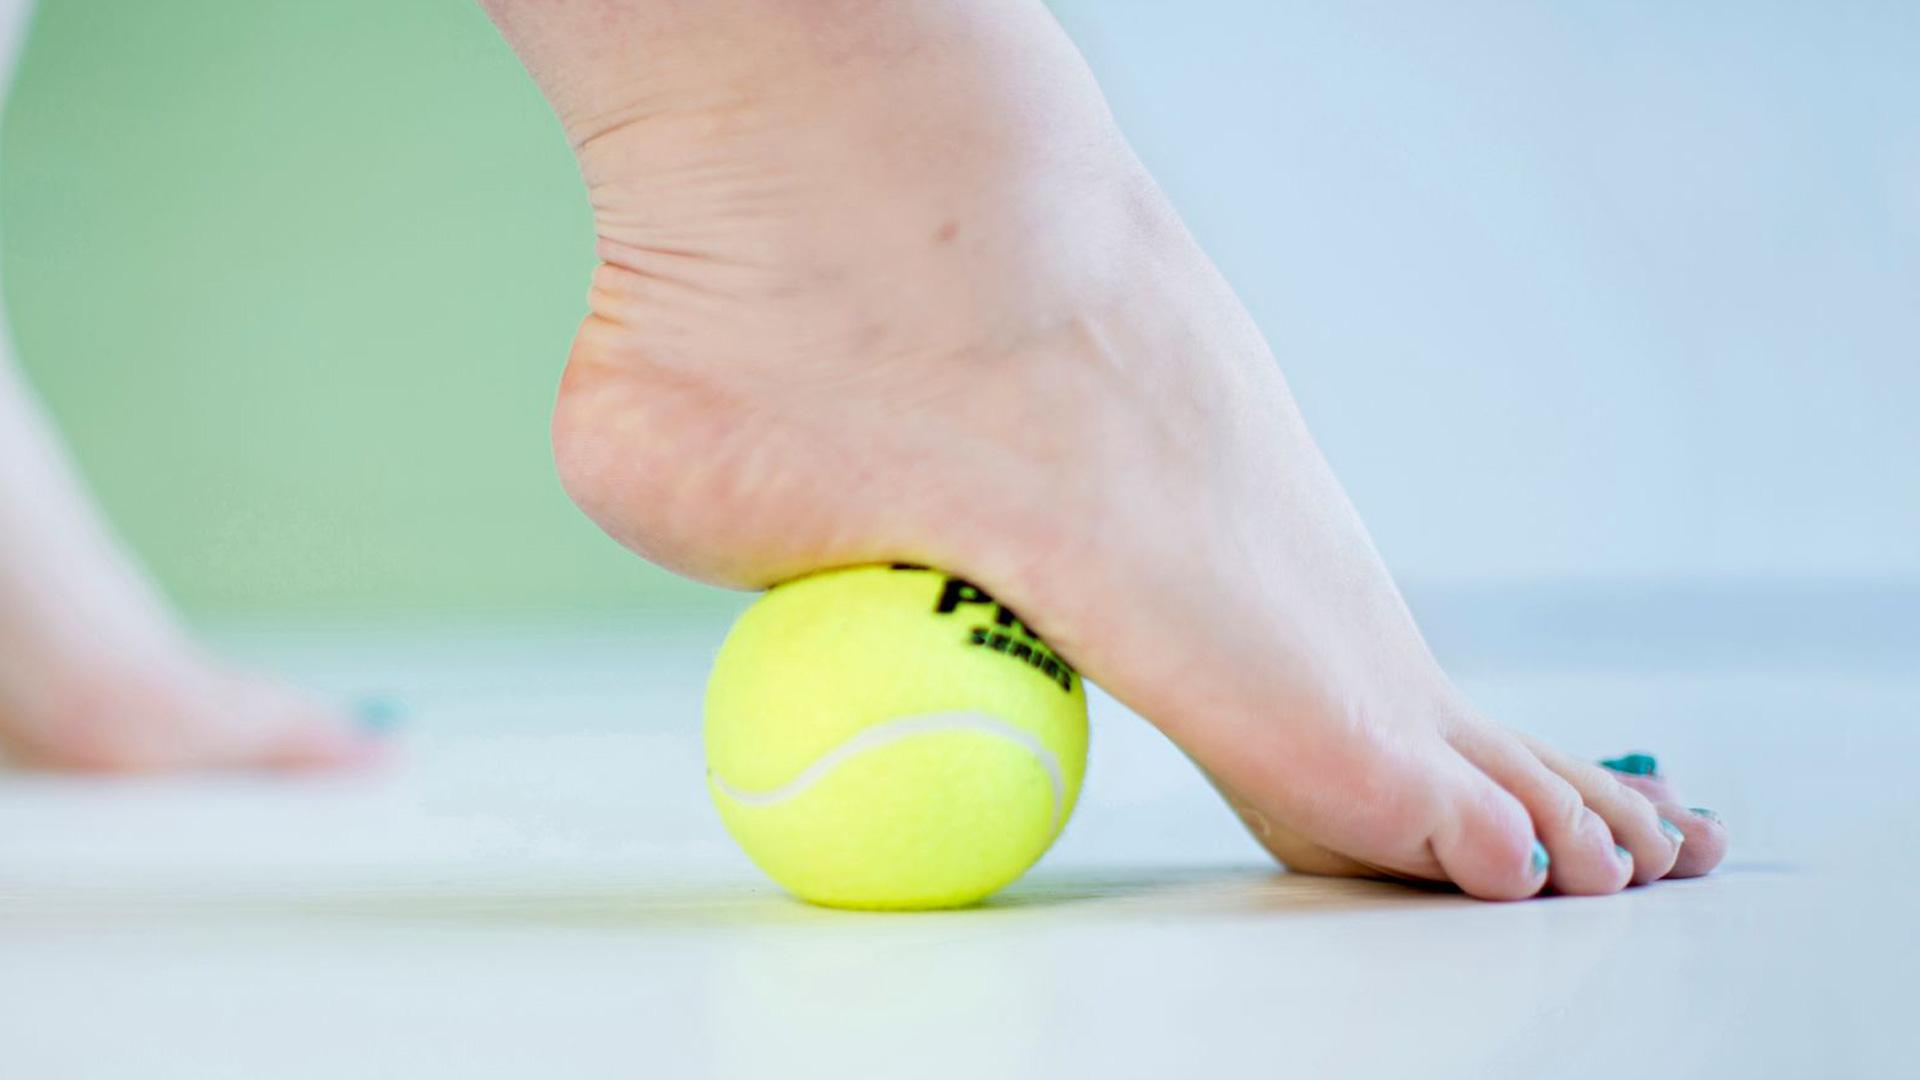 Paina palloa, pyörittele ja liikuta sitä jalan alla eteen ja taakse.